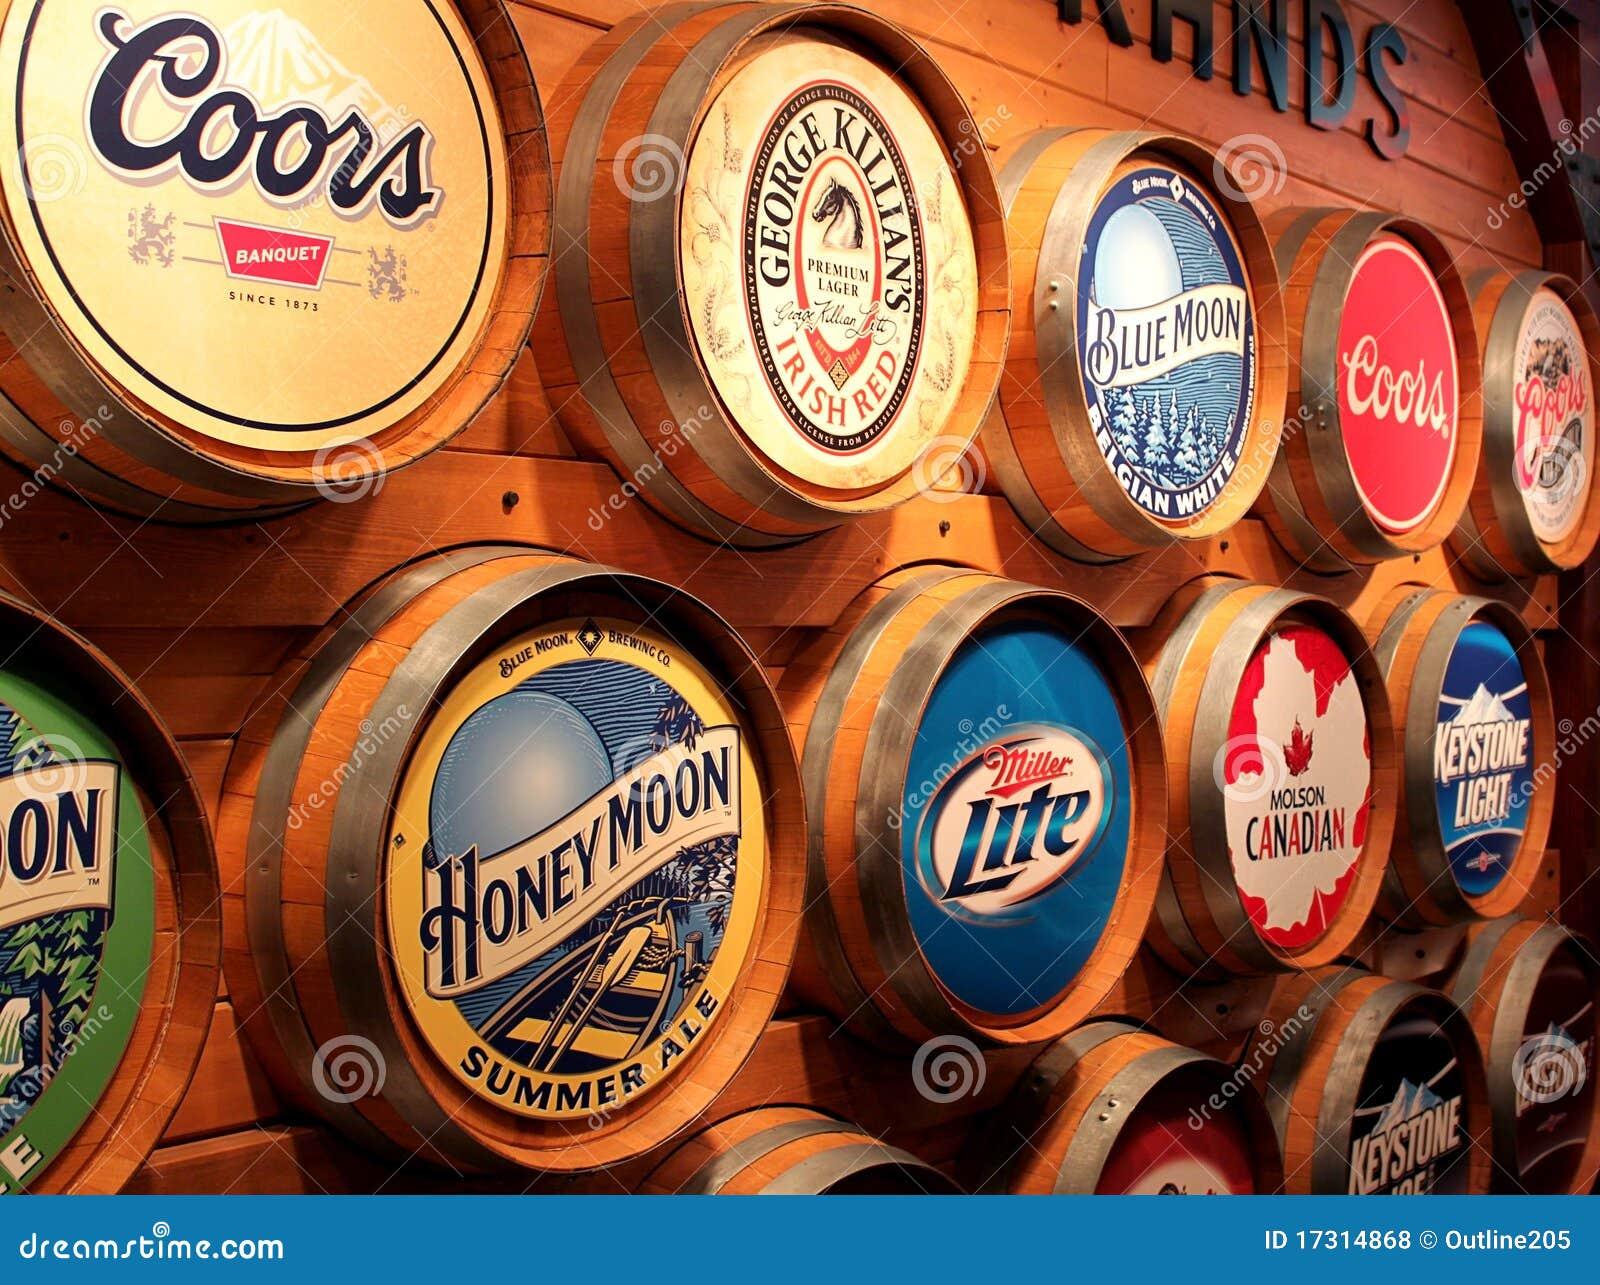 Coors beer brands Editorial Z Beer Brands